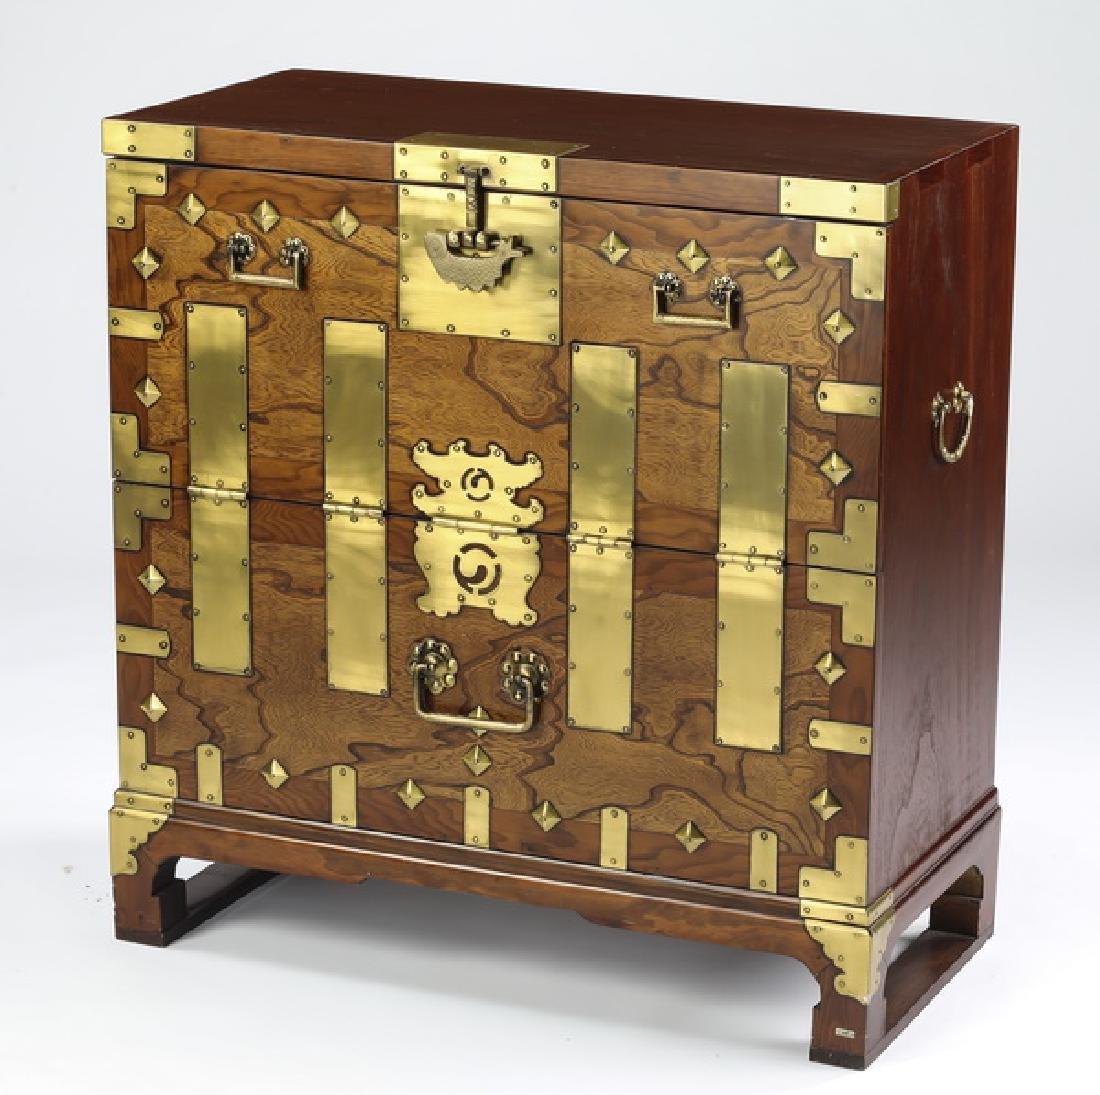 Korean Bandaji style mahogany chest w/ brass accents